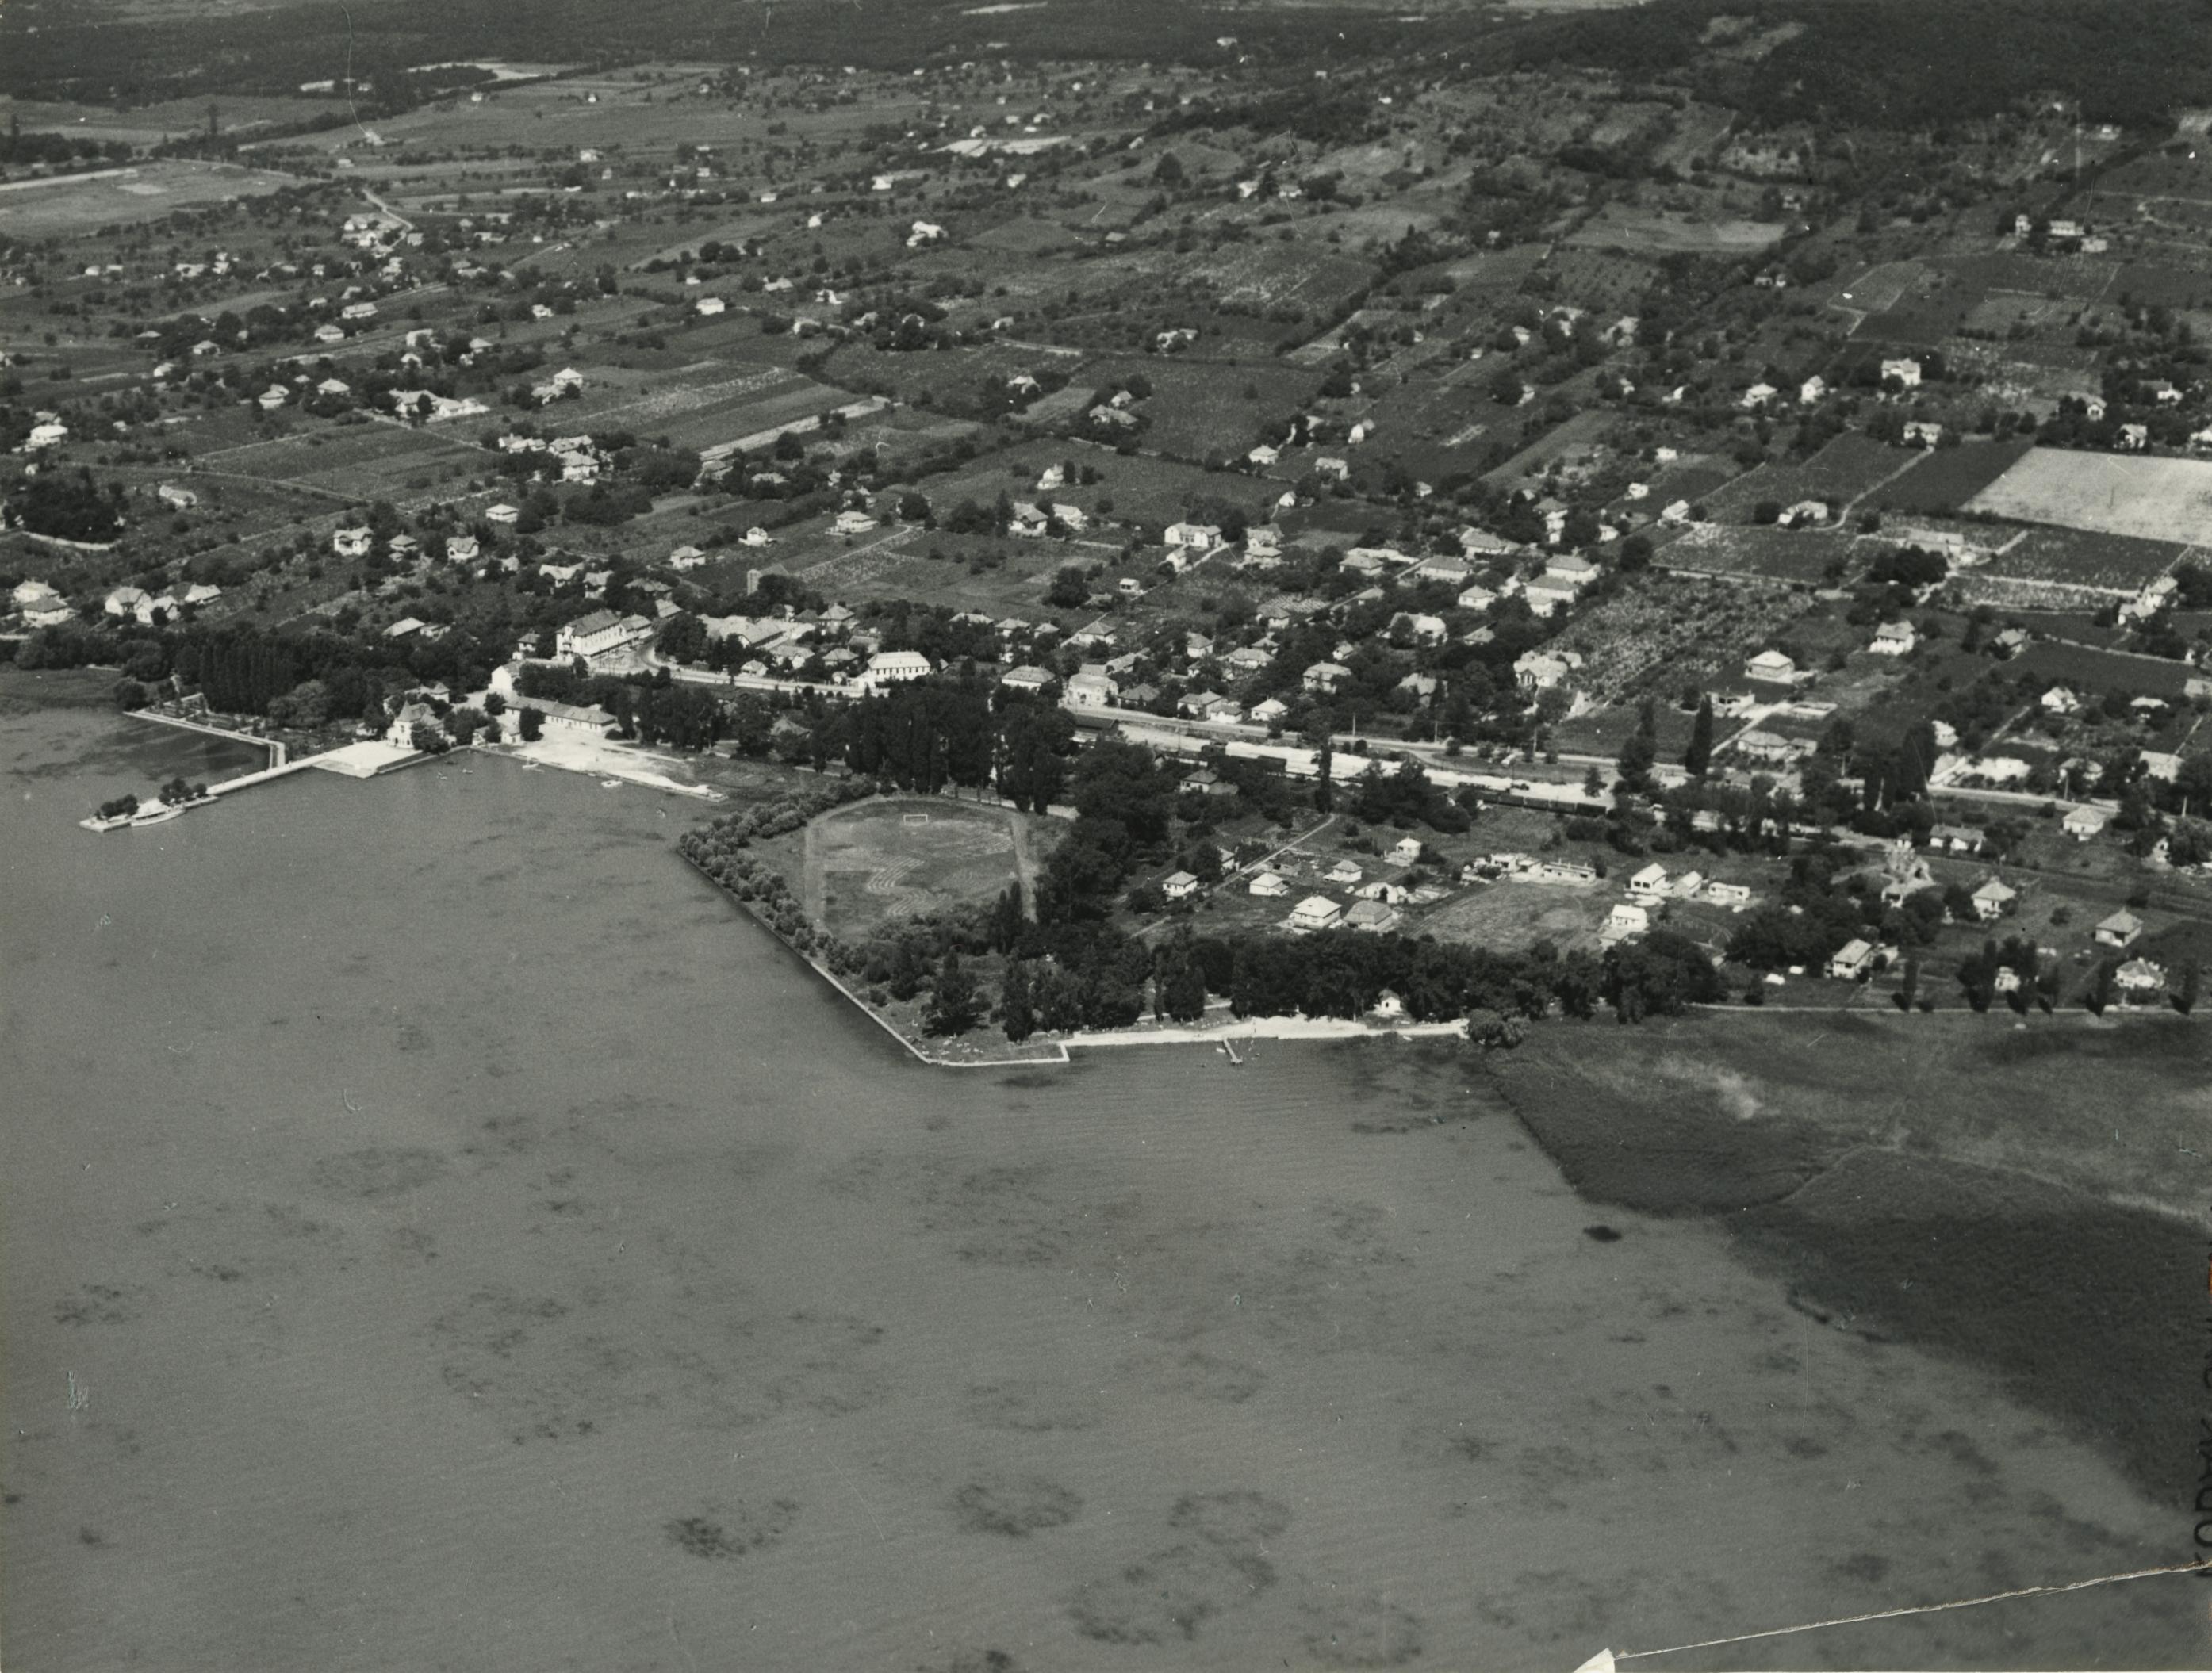 Révfülöp látképe a Szigeti stranddal